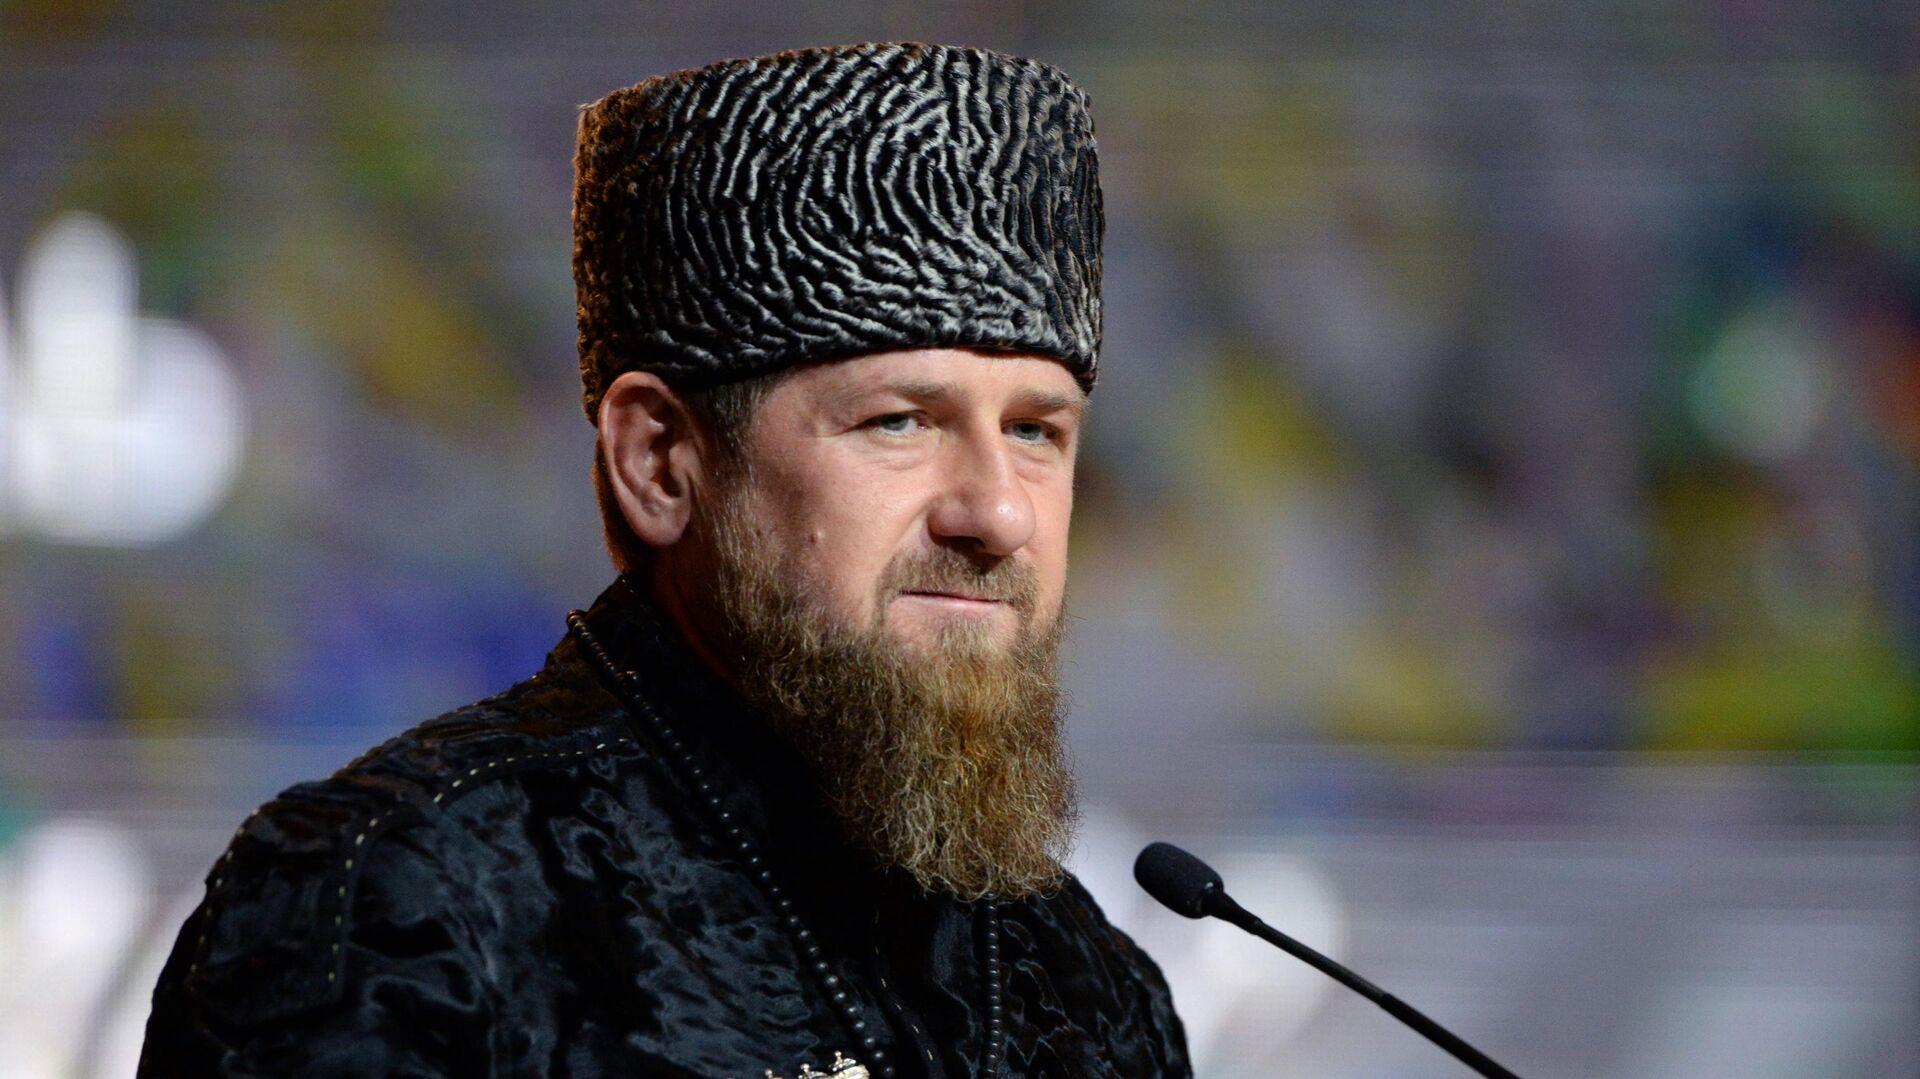 Глава Чеченской Республики Рамзан Кадыров выступает в Государственном театрально-концертном зале Грозного на праздновании Дня чеченского языка в Грозном - РИА Новости, 1920, 01.09.2021